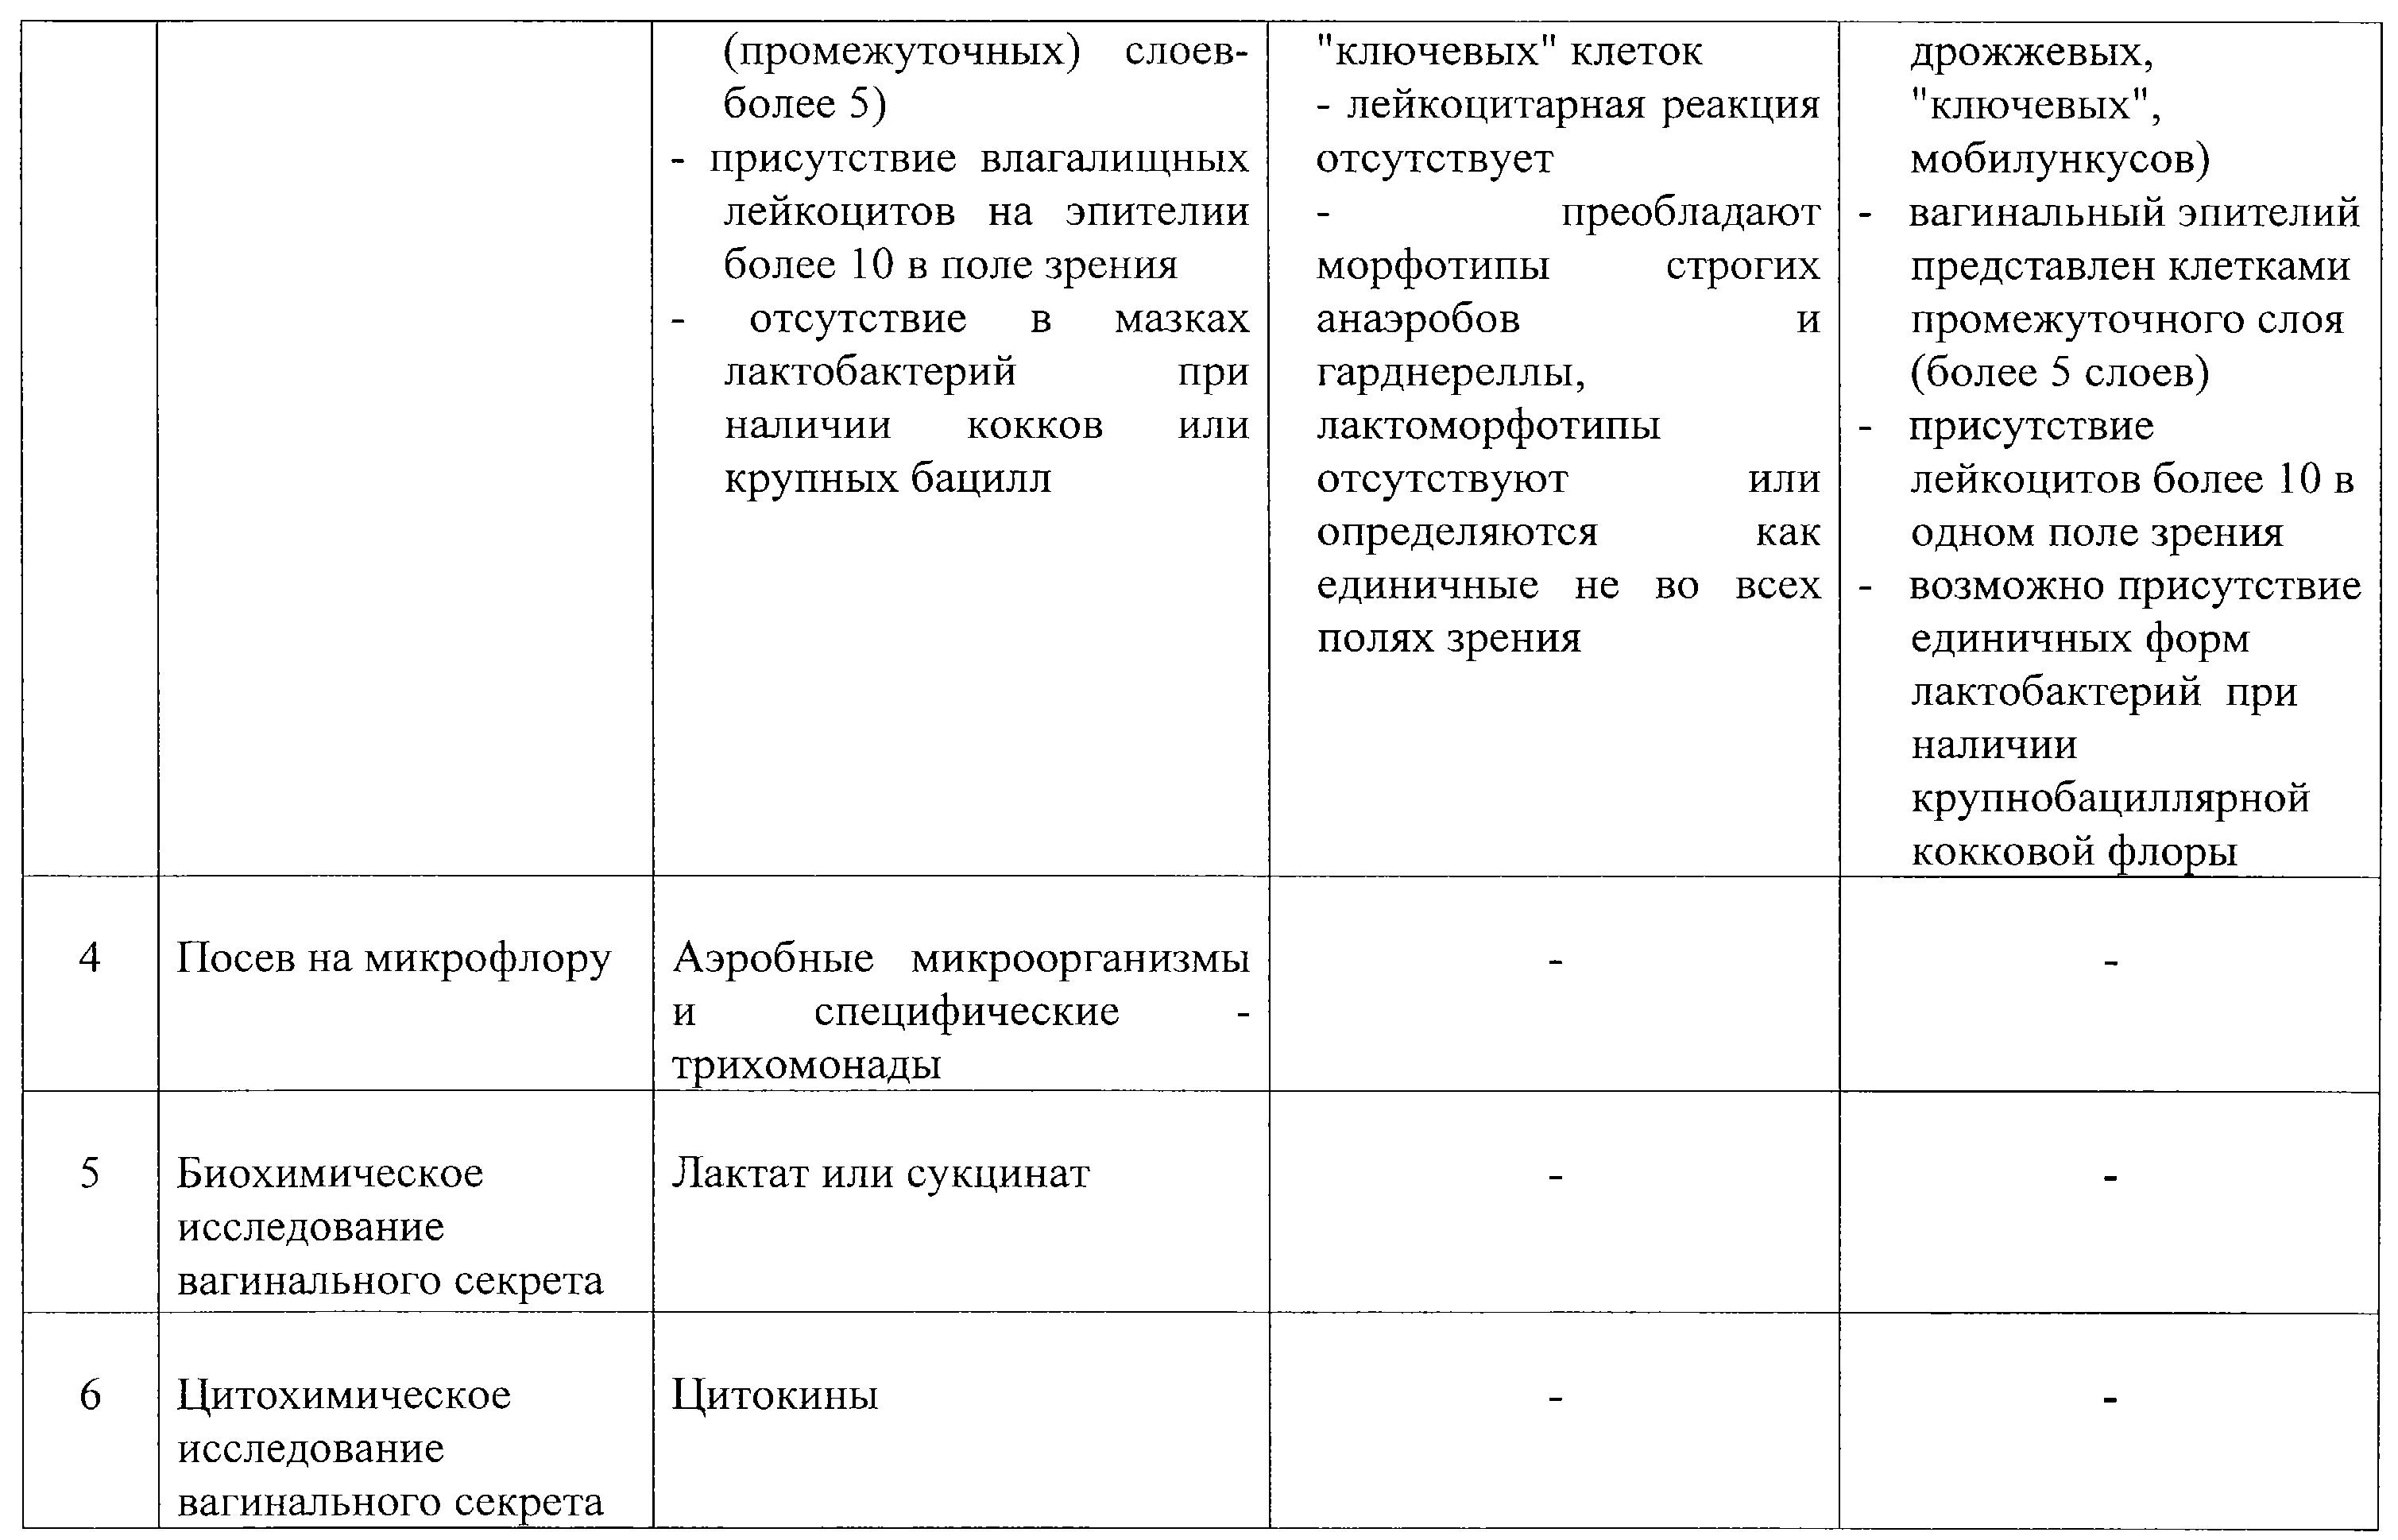 Содержание лейкоцитов вагинально